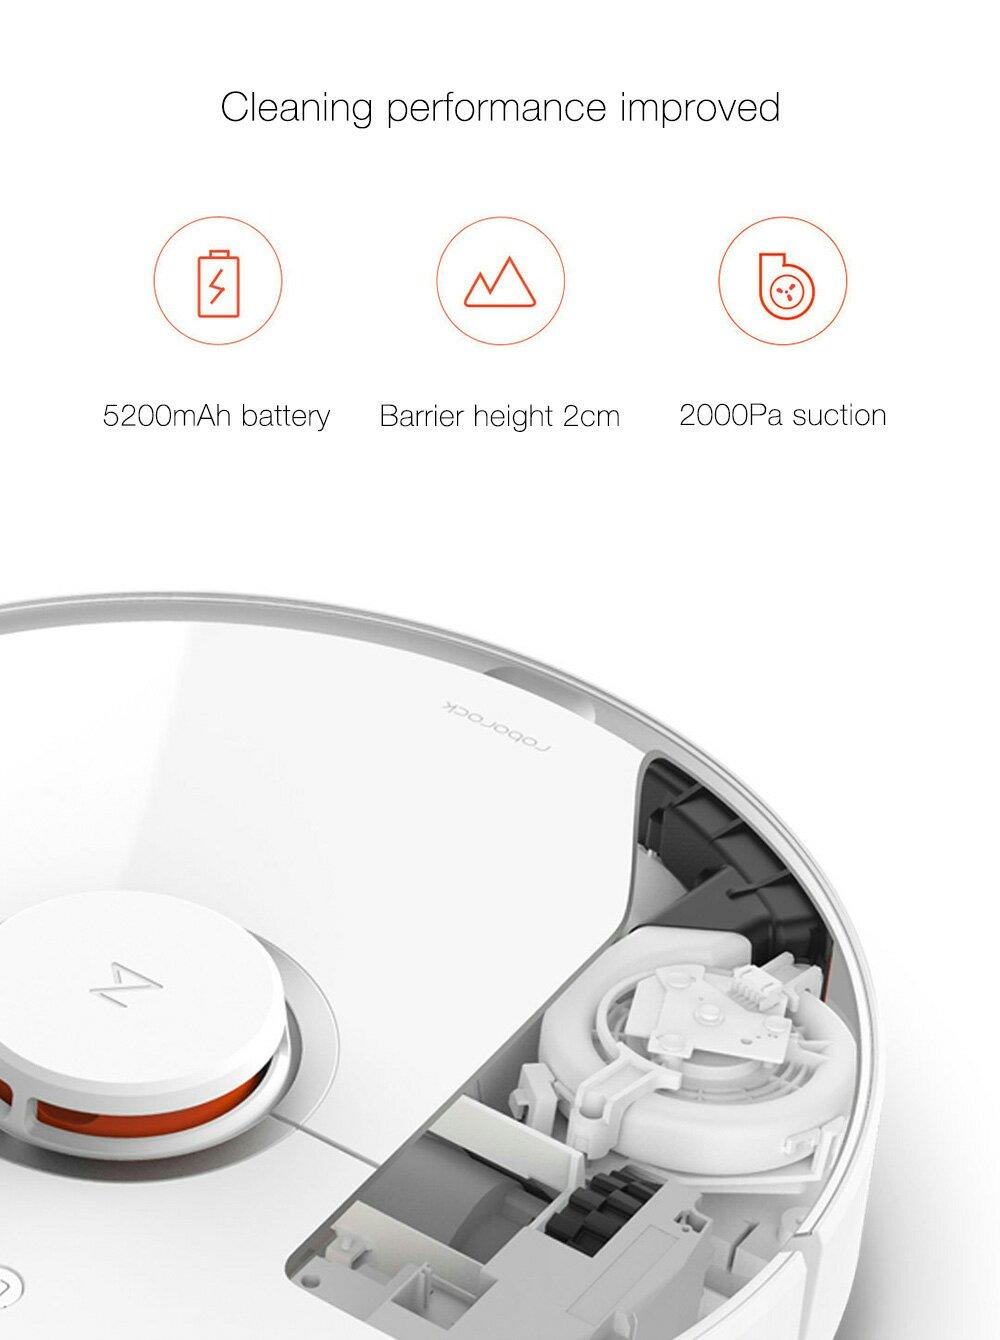 03 51 33 xiaomi mi robot vacuum cleaner 2 201709211752296392046758967